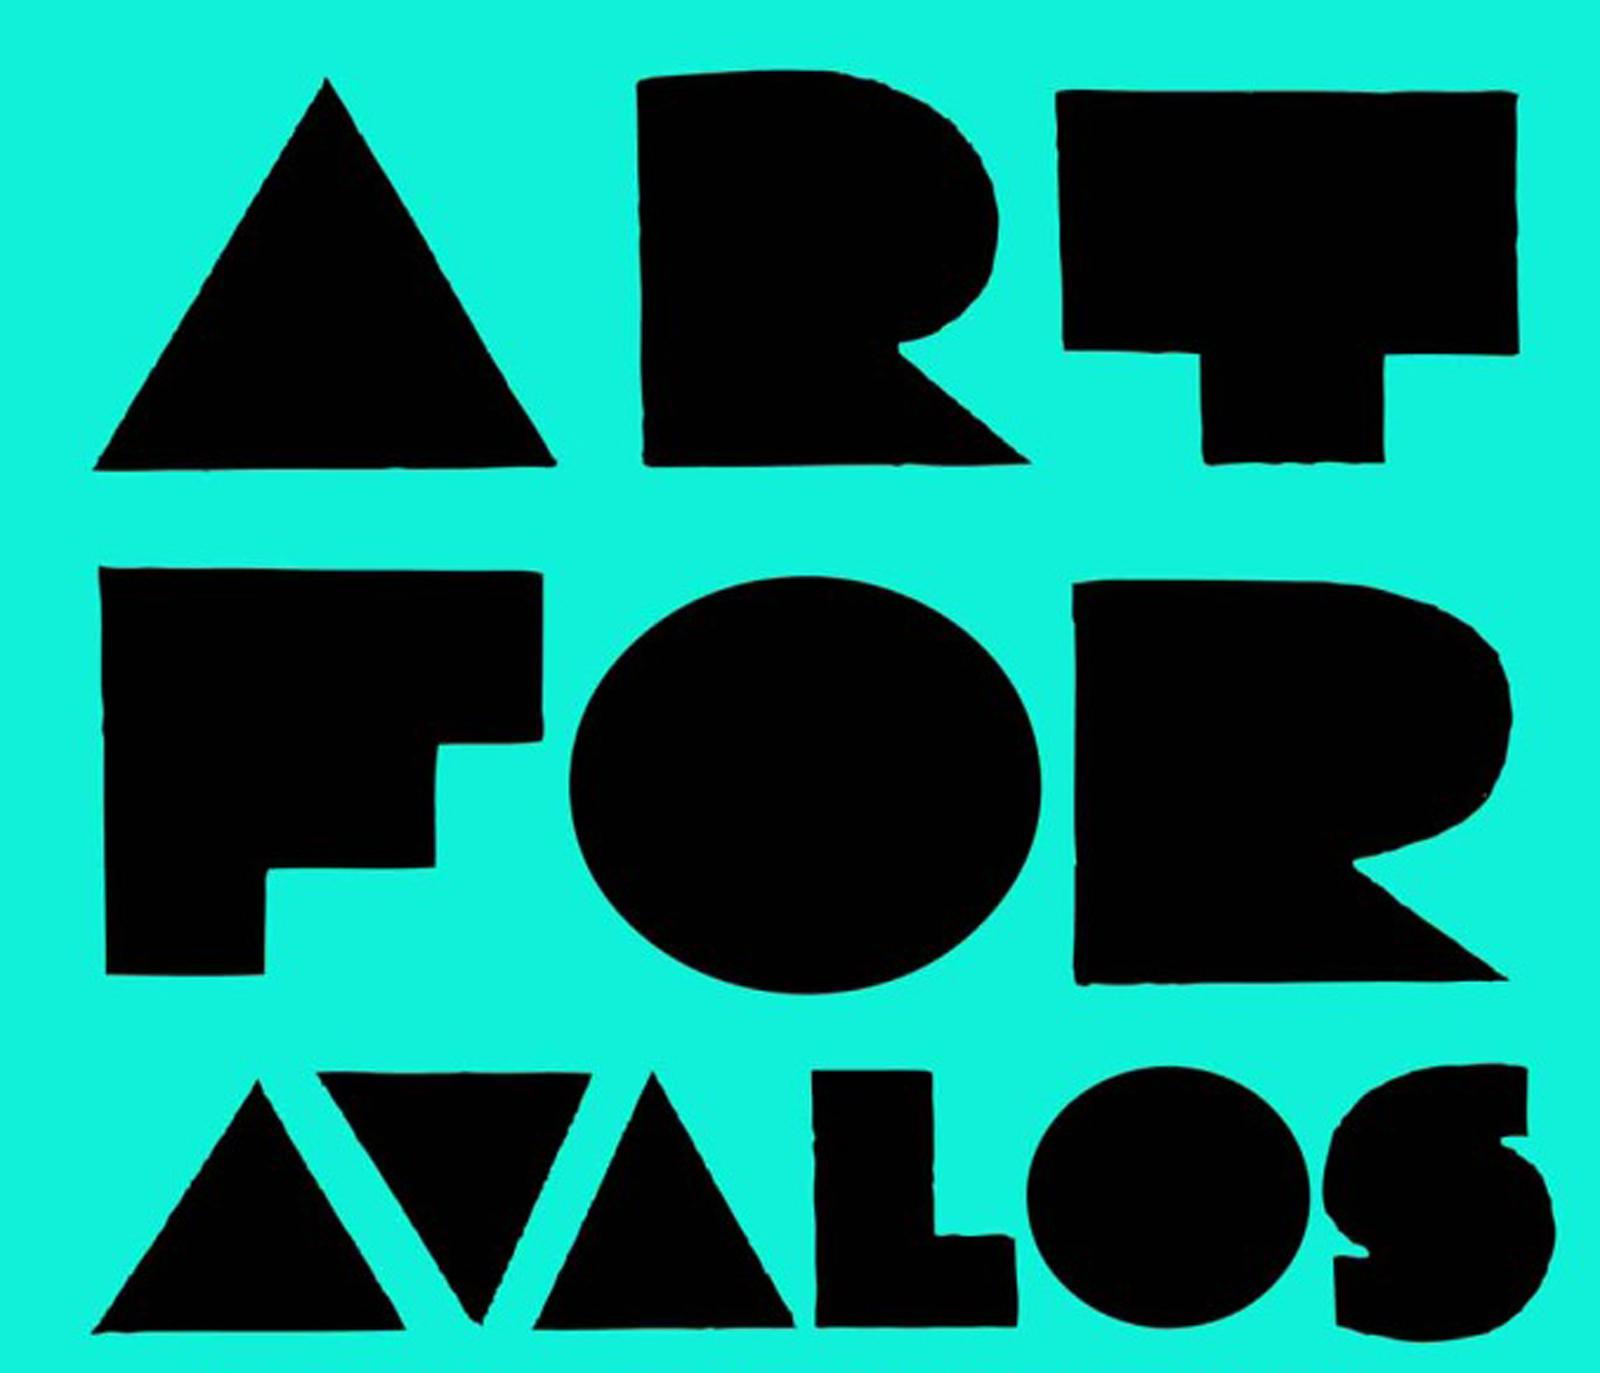 Art for Avalos Fundraiser Tonight